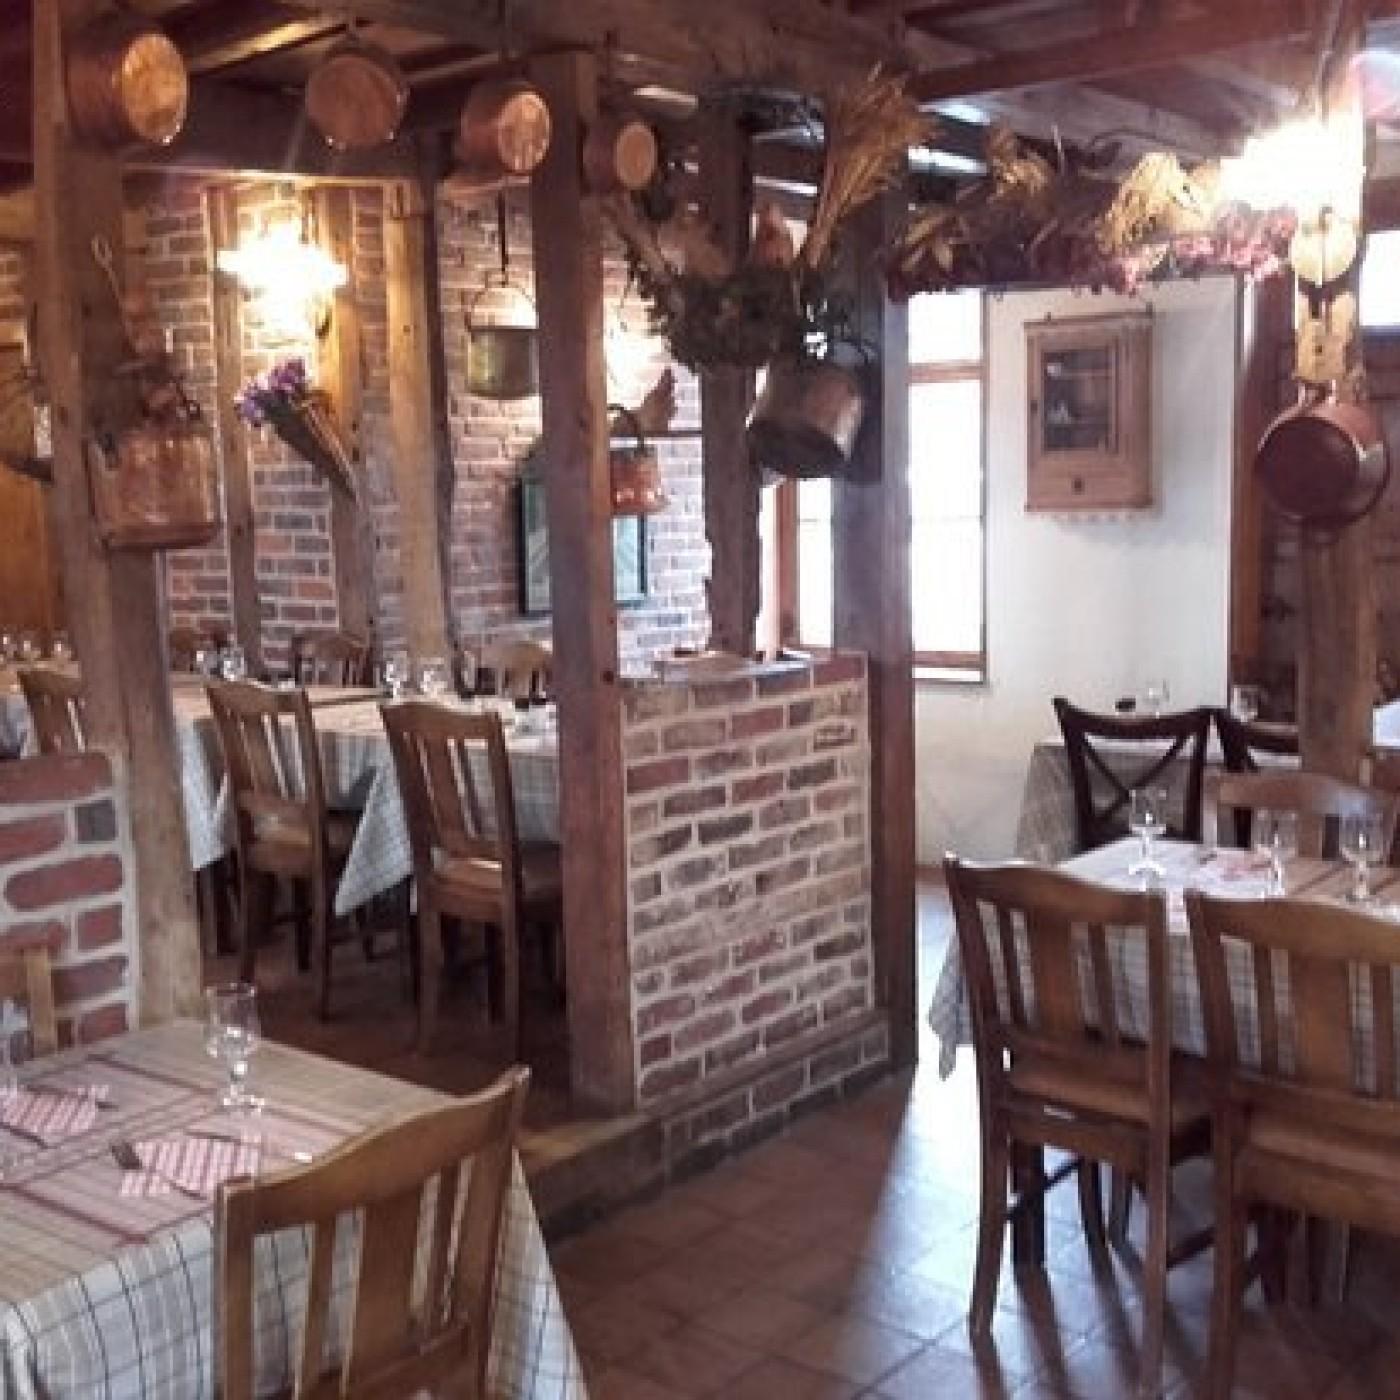 Un restaurateur réagit a la non ouverture le 20 janvier, Didier La Chaumine - 04 01 2021 - StereoChic Radio